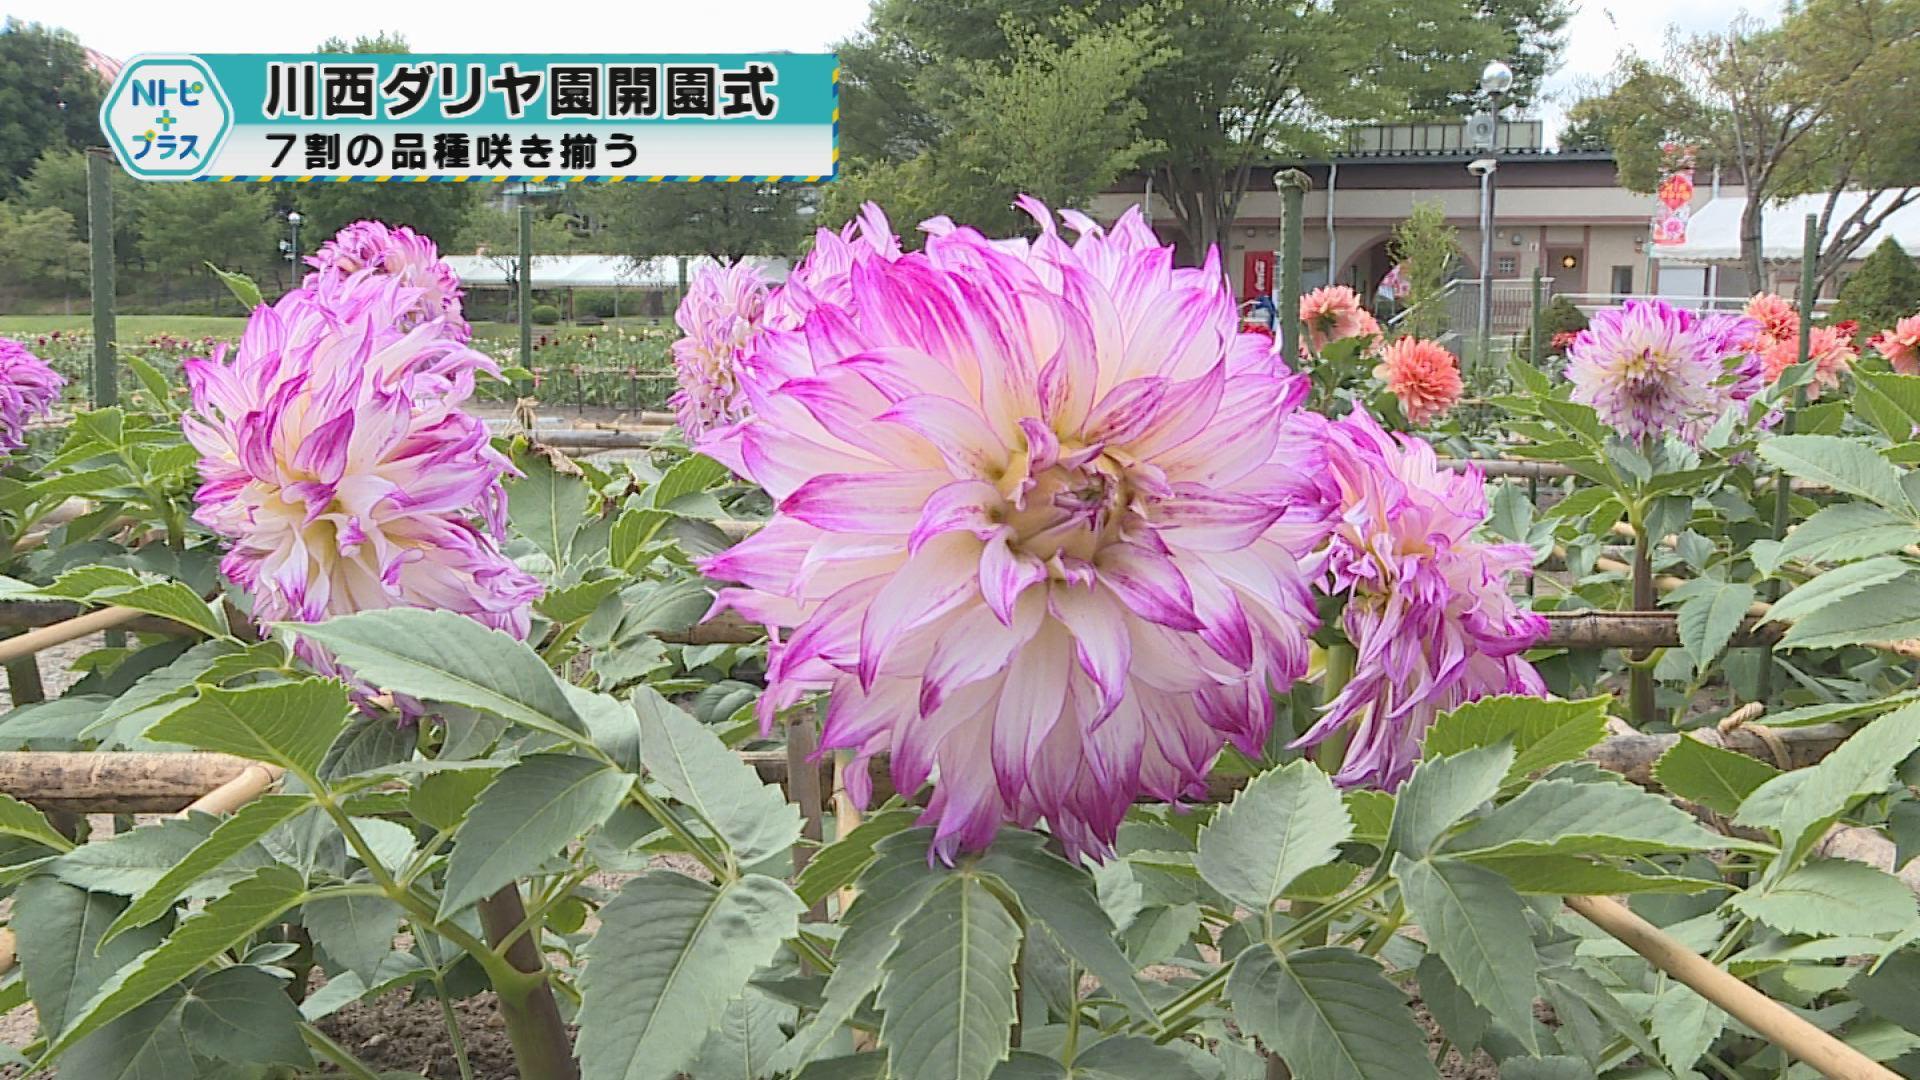 「川西ダリヤ園開園式」7割の品種が咲き揃う